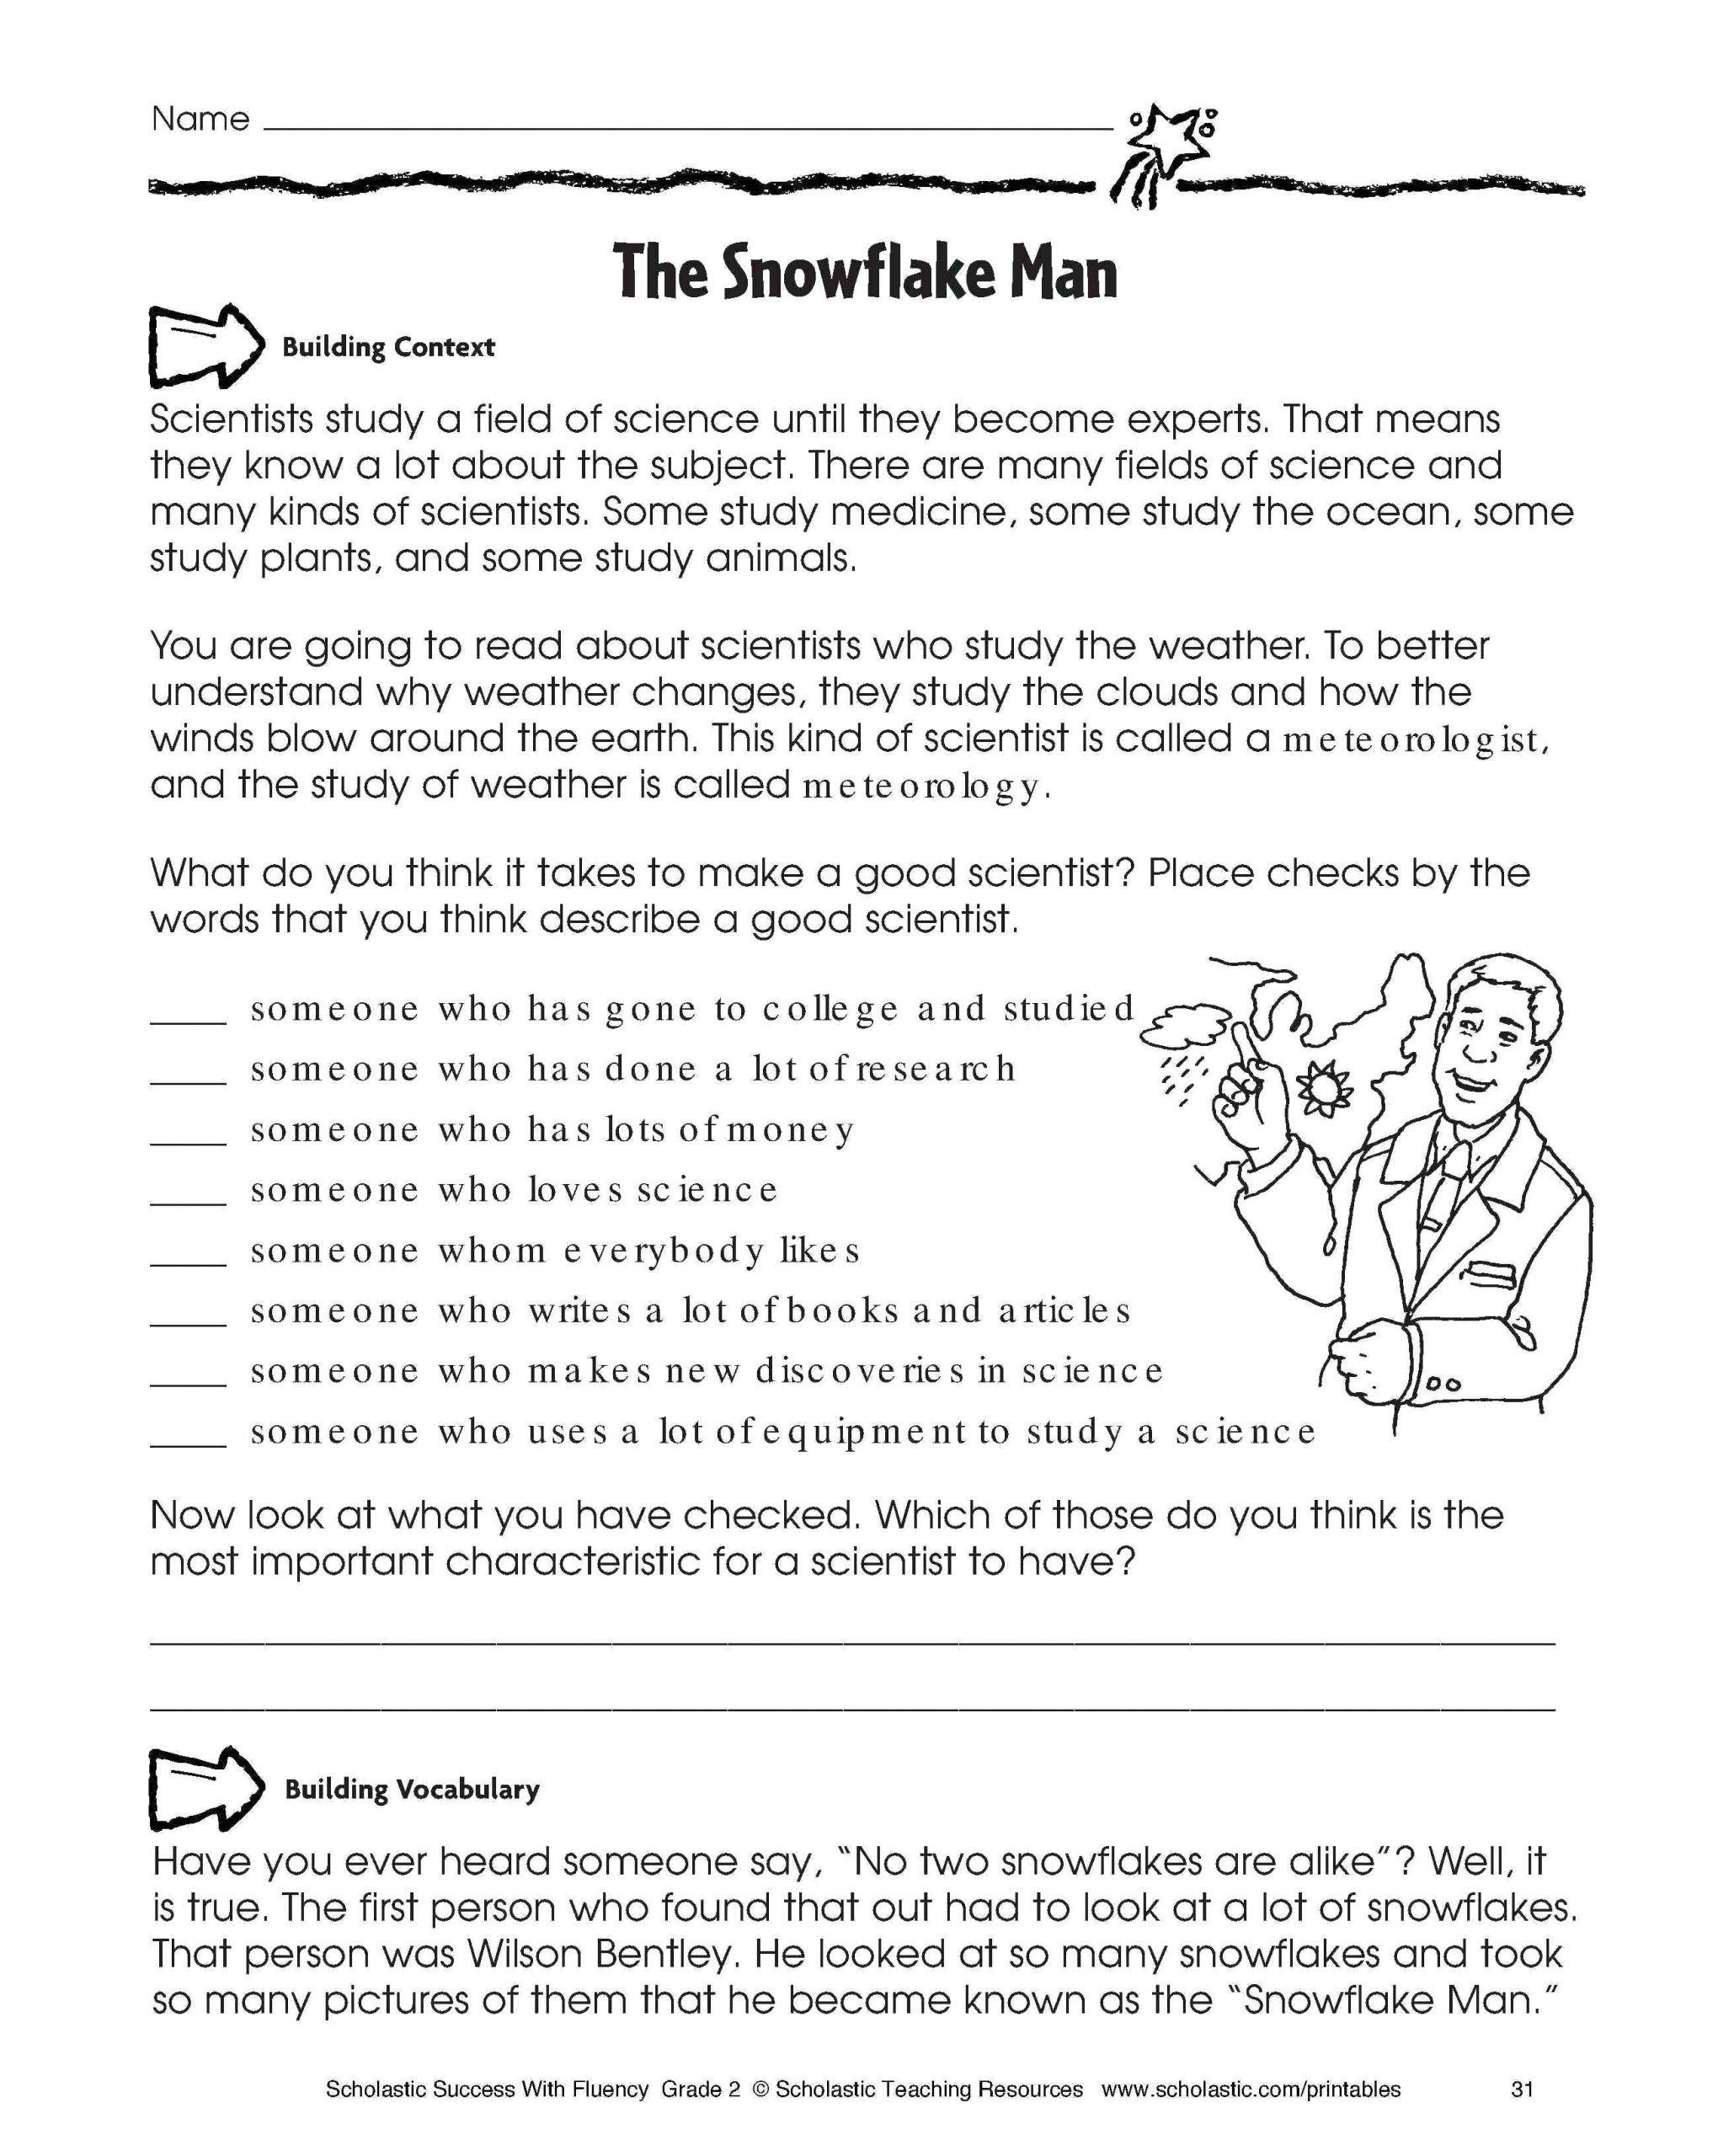 """Reading Comprehension 7th Grade Worksheet Reading Prehension Worksheets 7th Grade لم يسبق له Ù…Ø ÙŠÙ"""""""